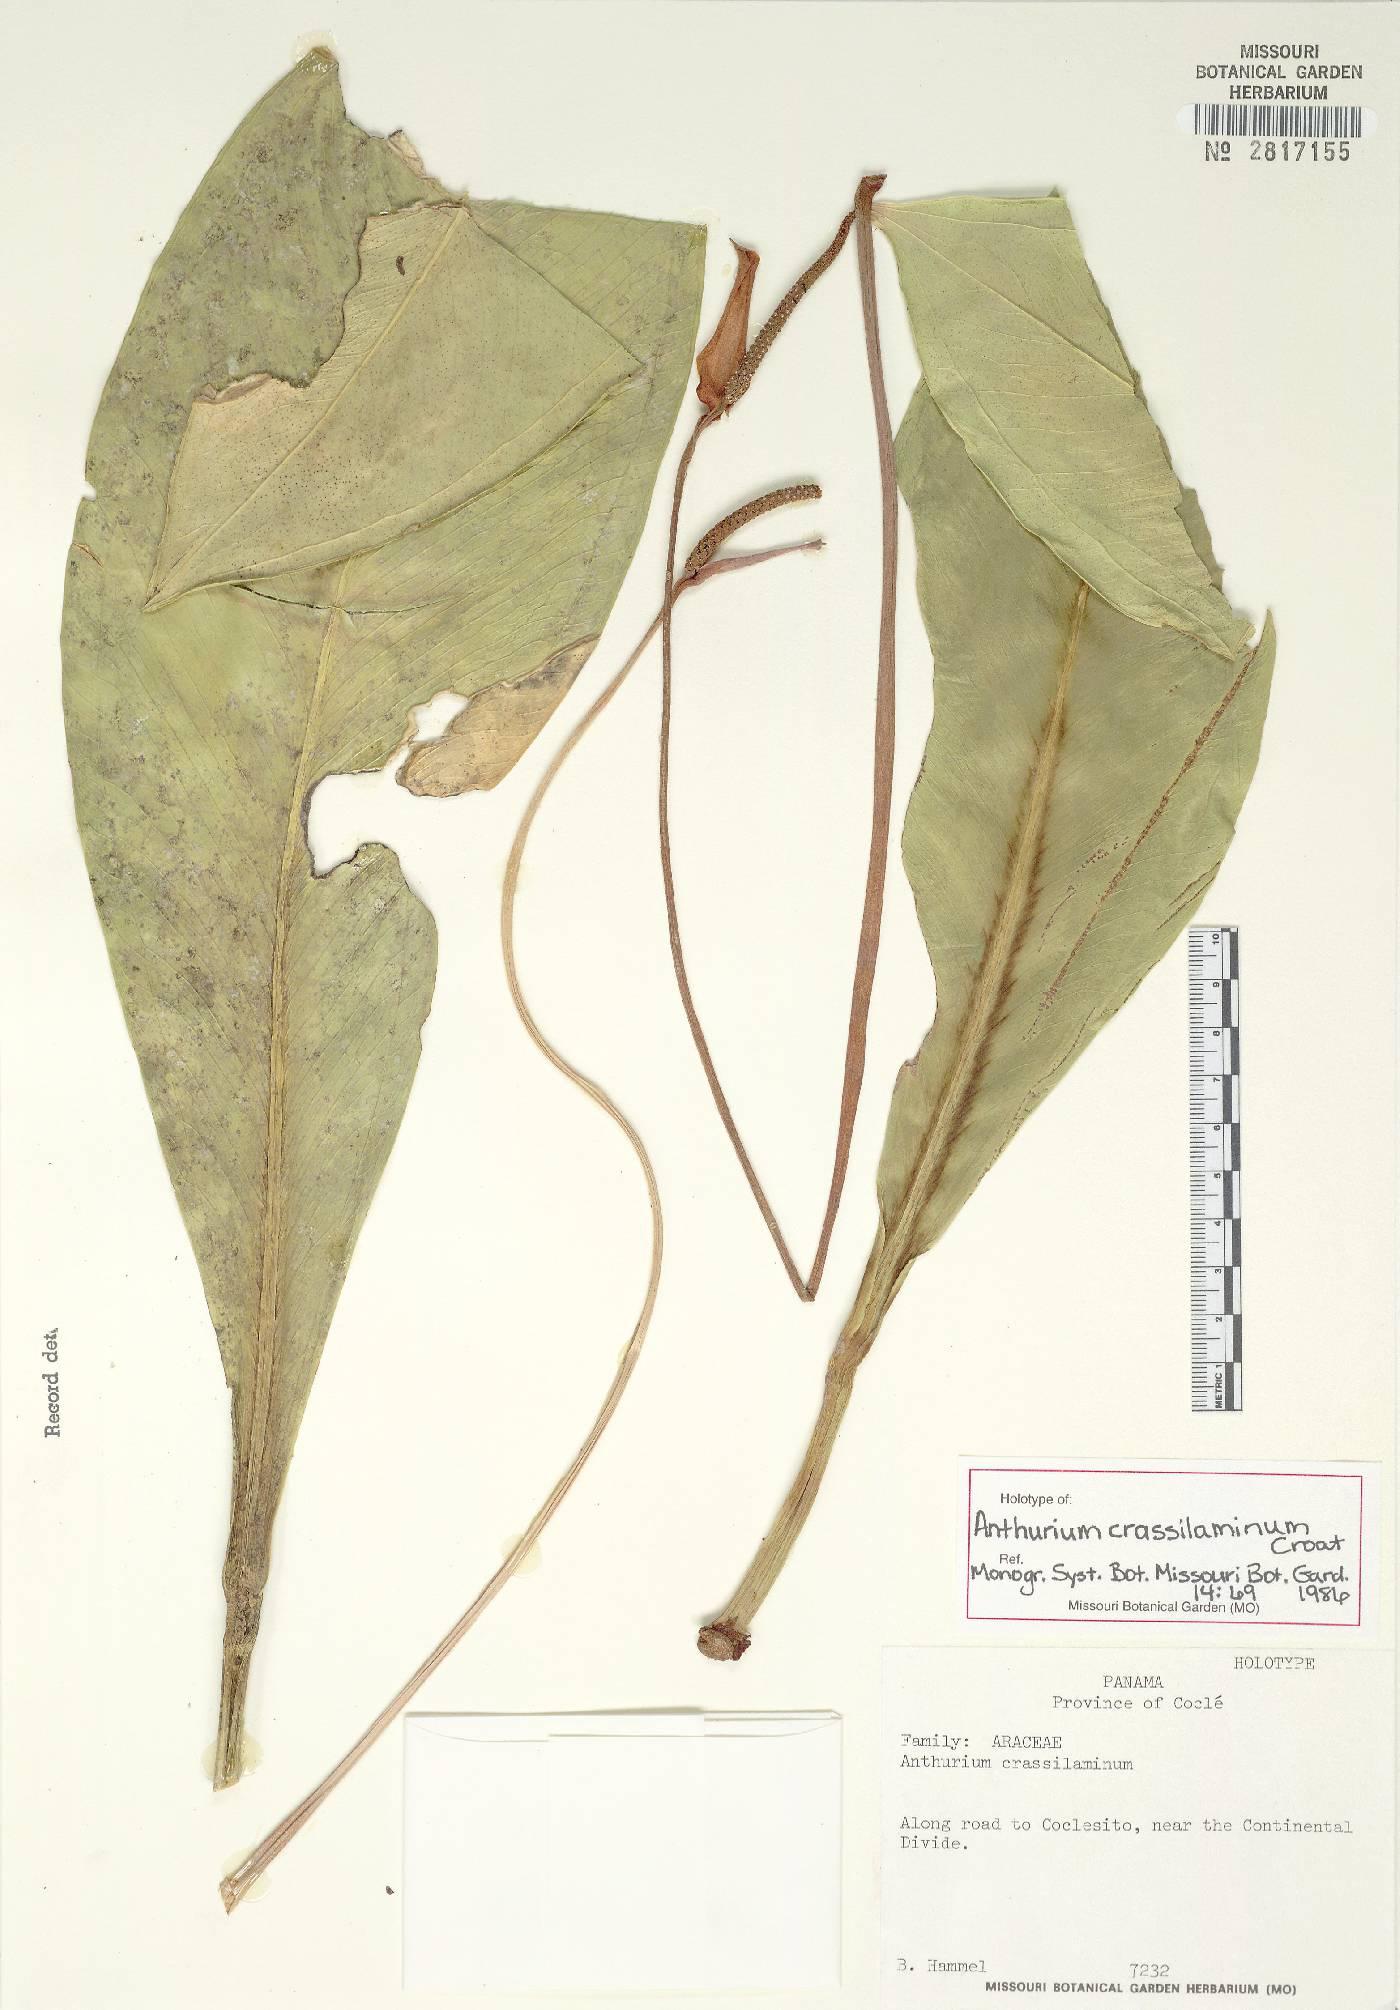 Anthurium crassilaminum image